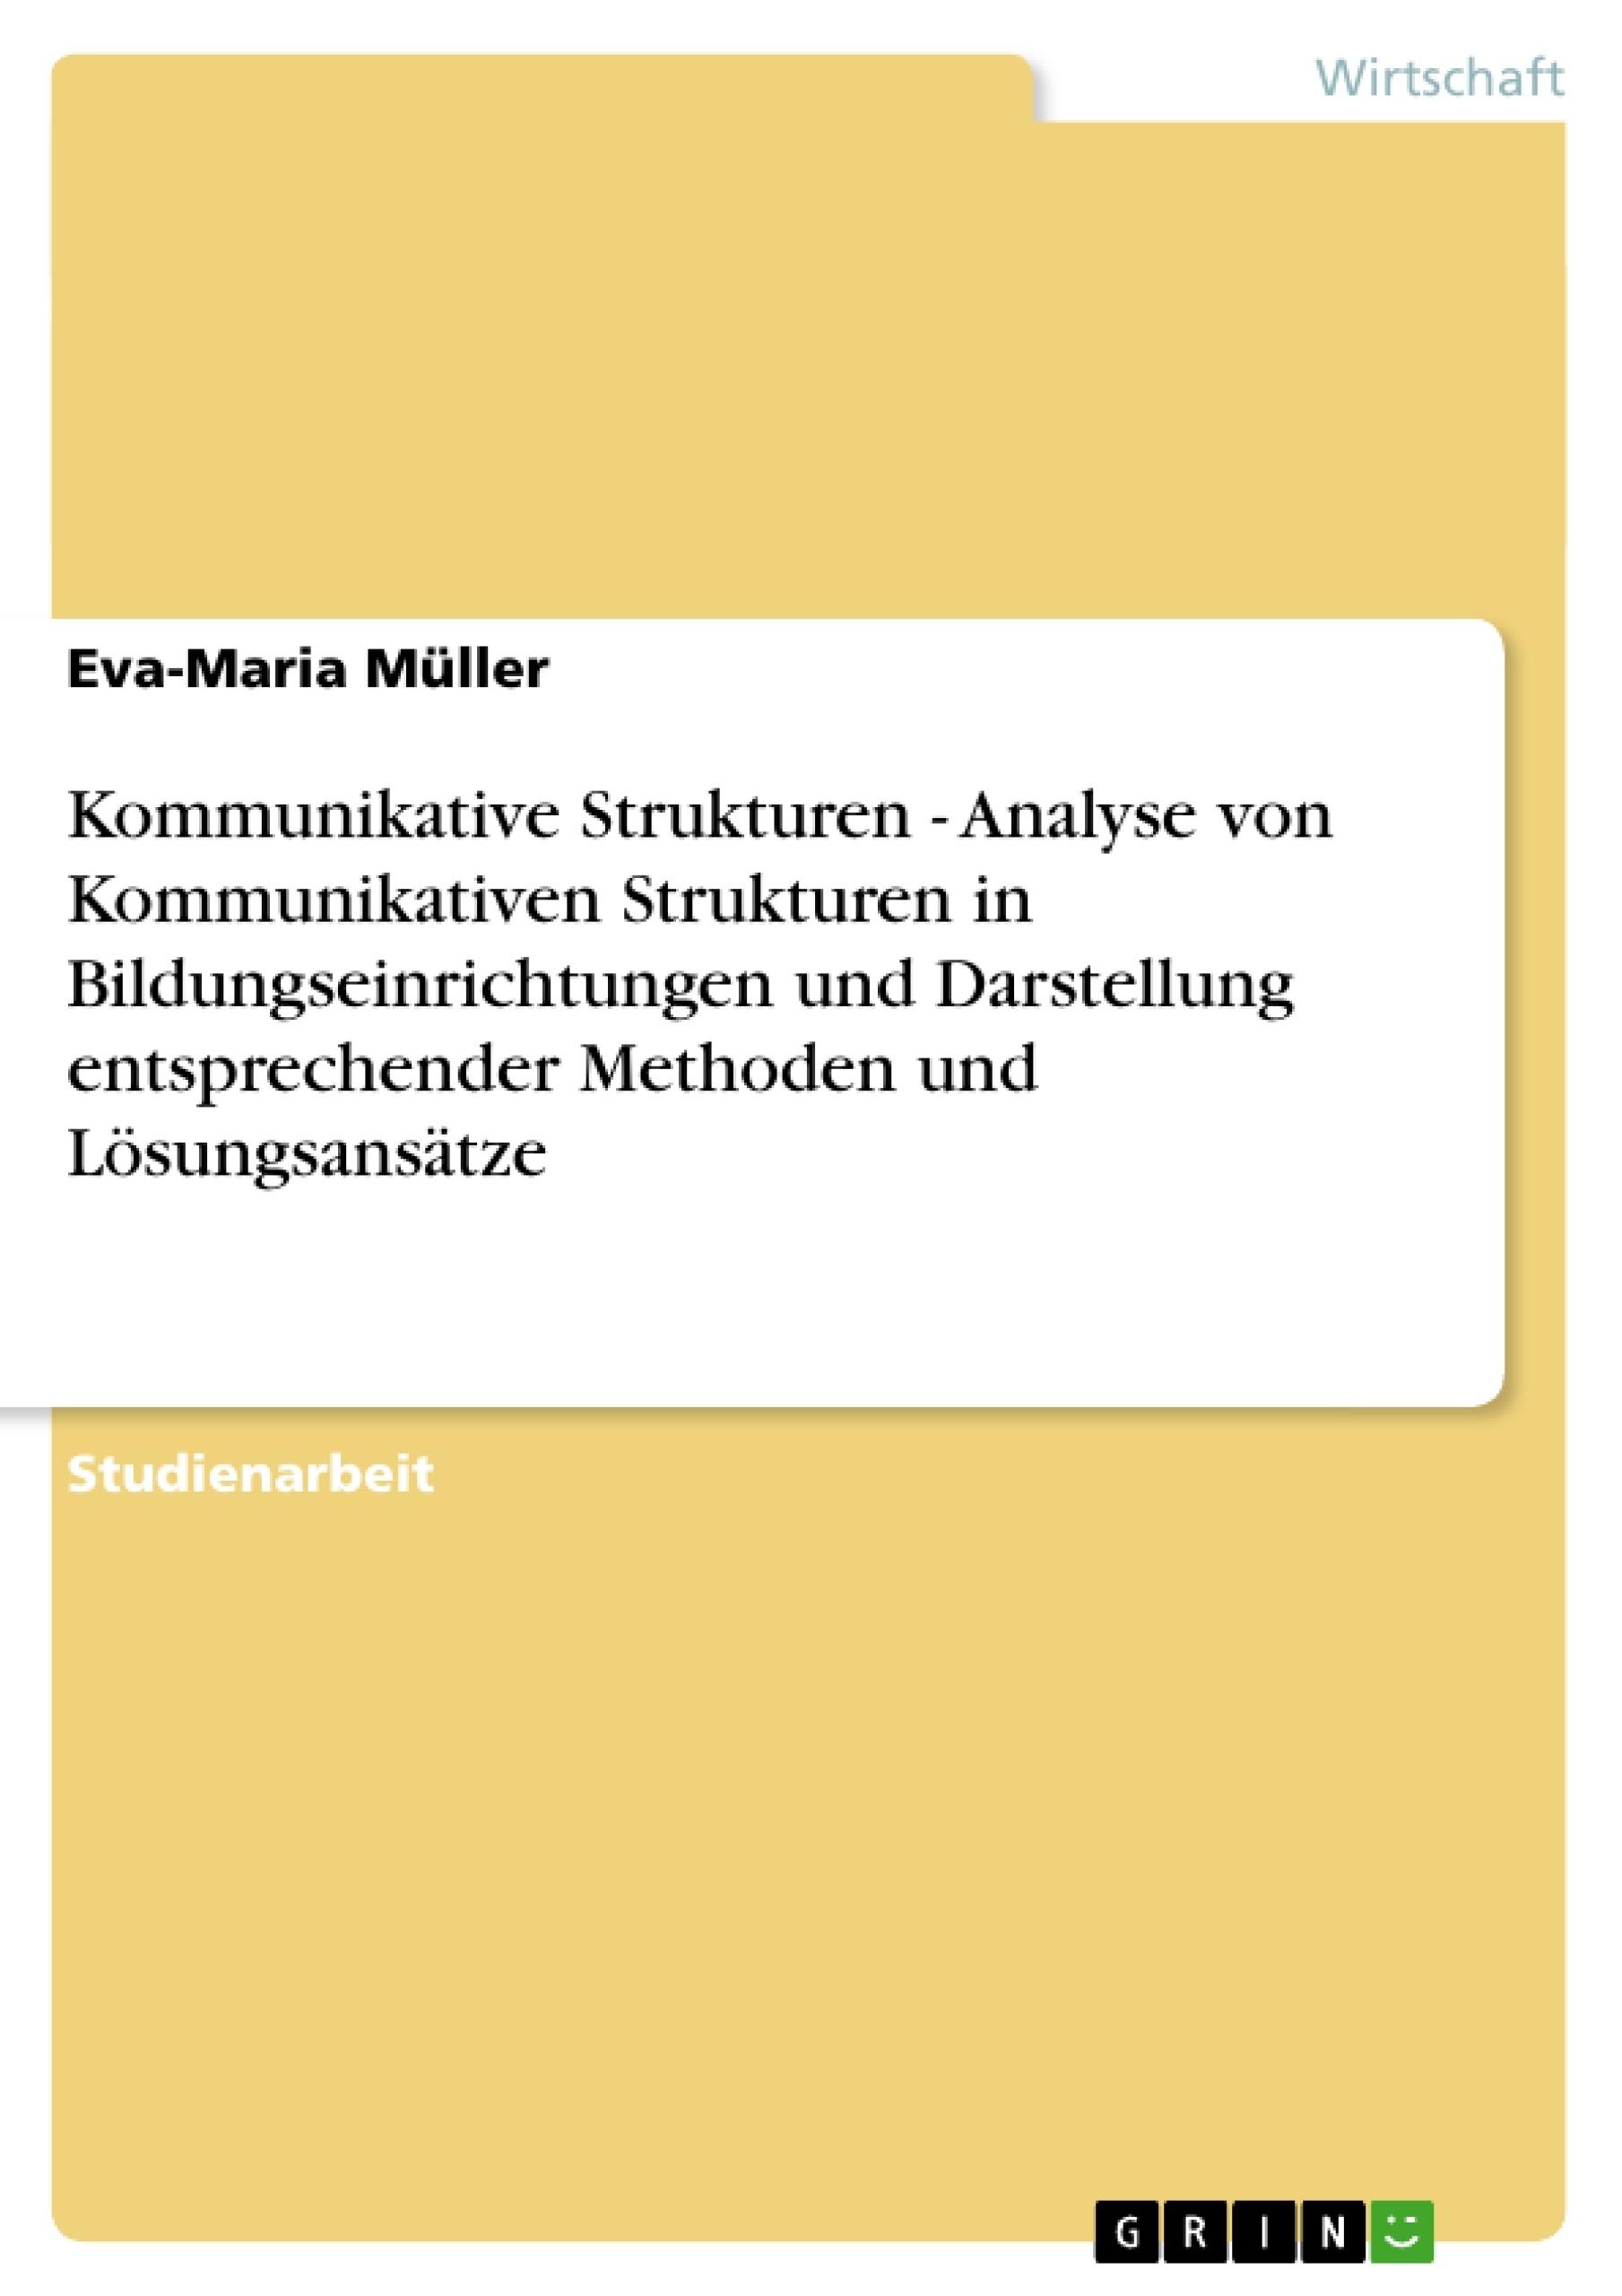 Titel: Kommunikative Strukturen - Analyse von Kommunikativen Strukturen in Bildungseinrichtungen und Darstellung entsprechender Methoden und Lösungsansätze